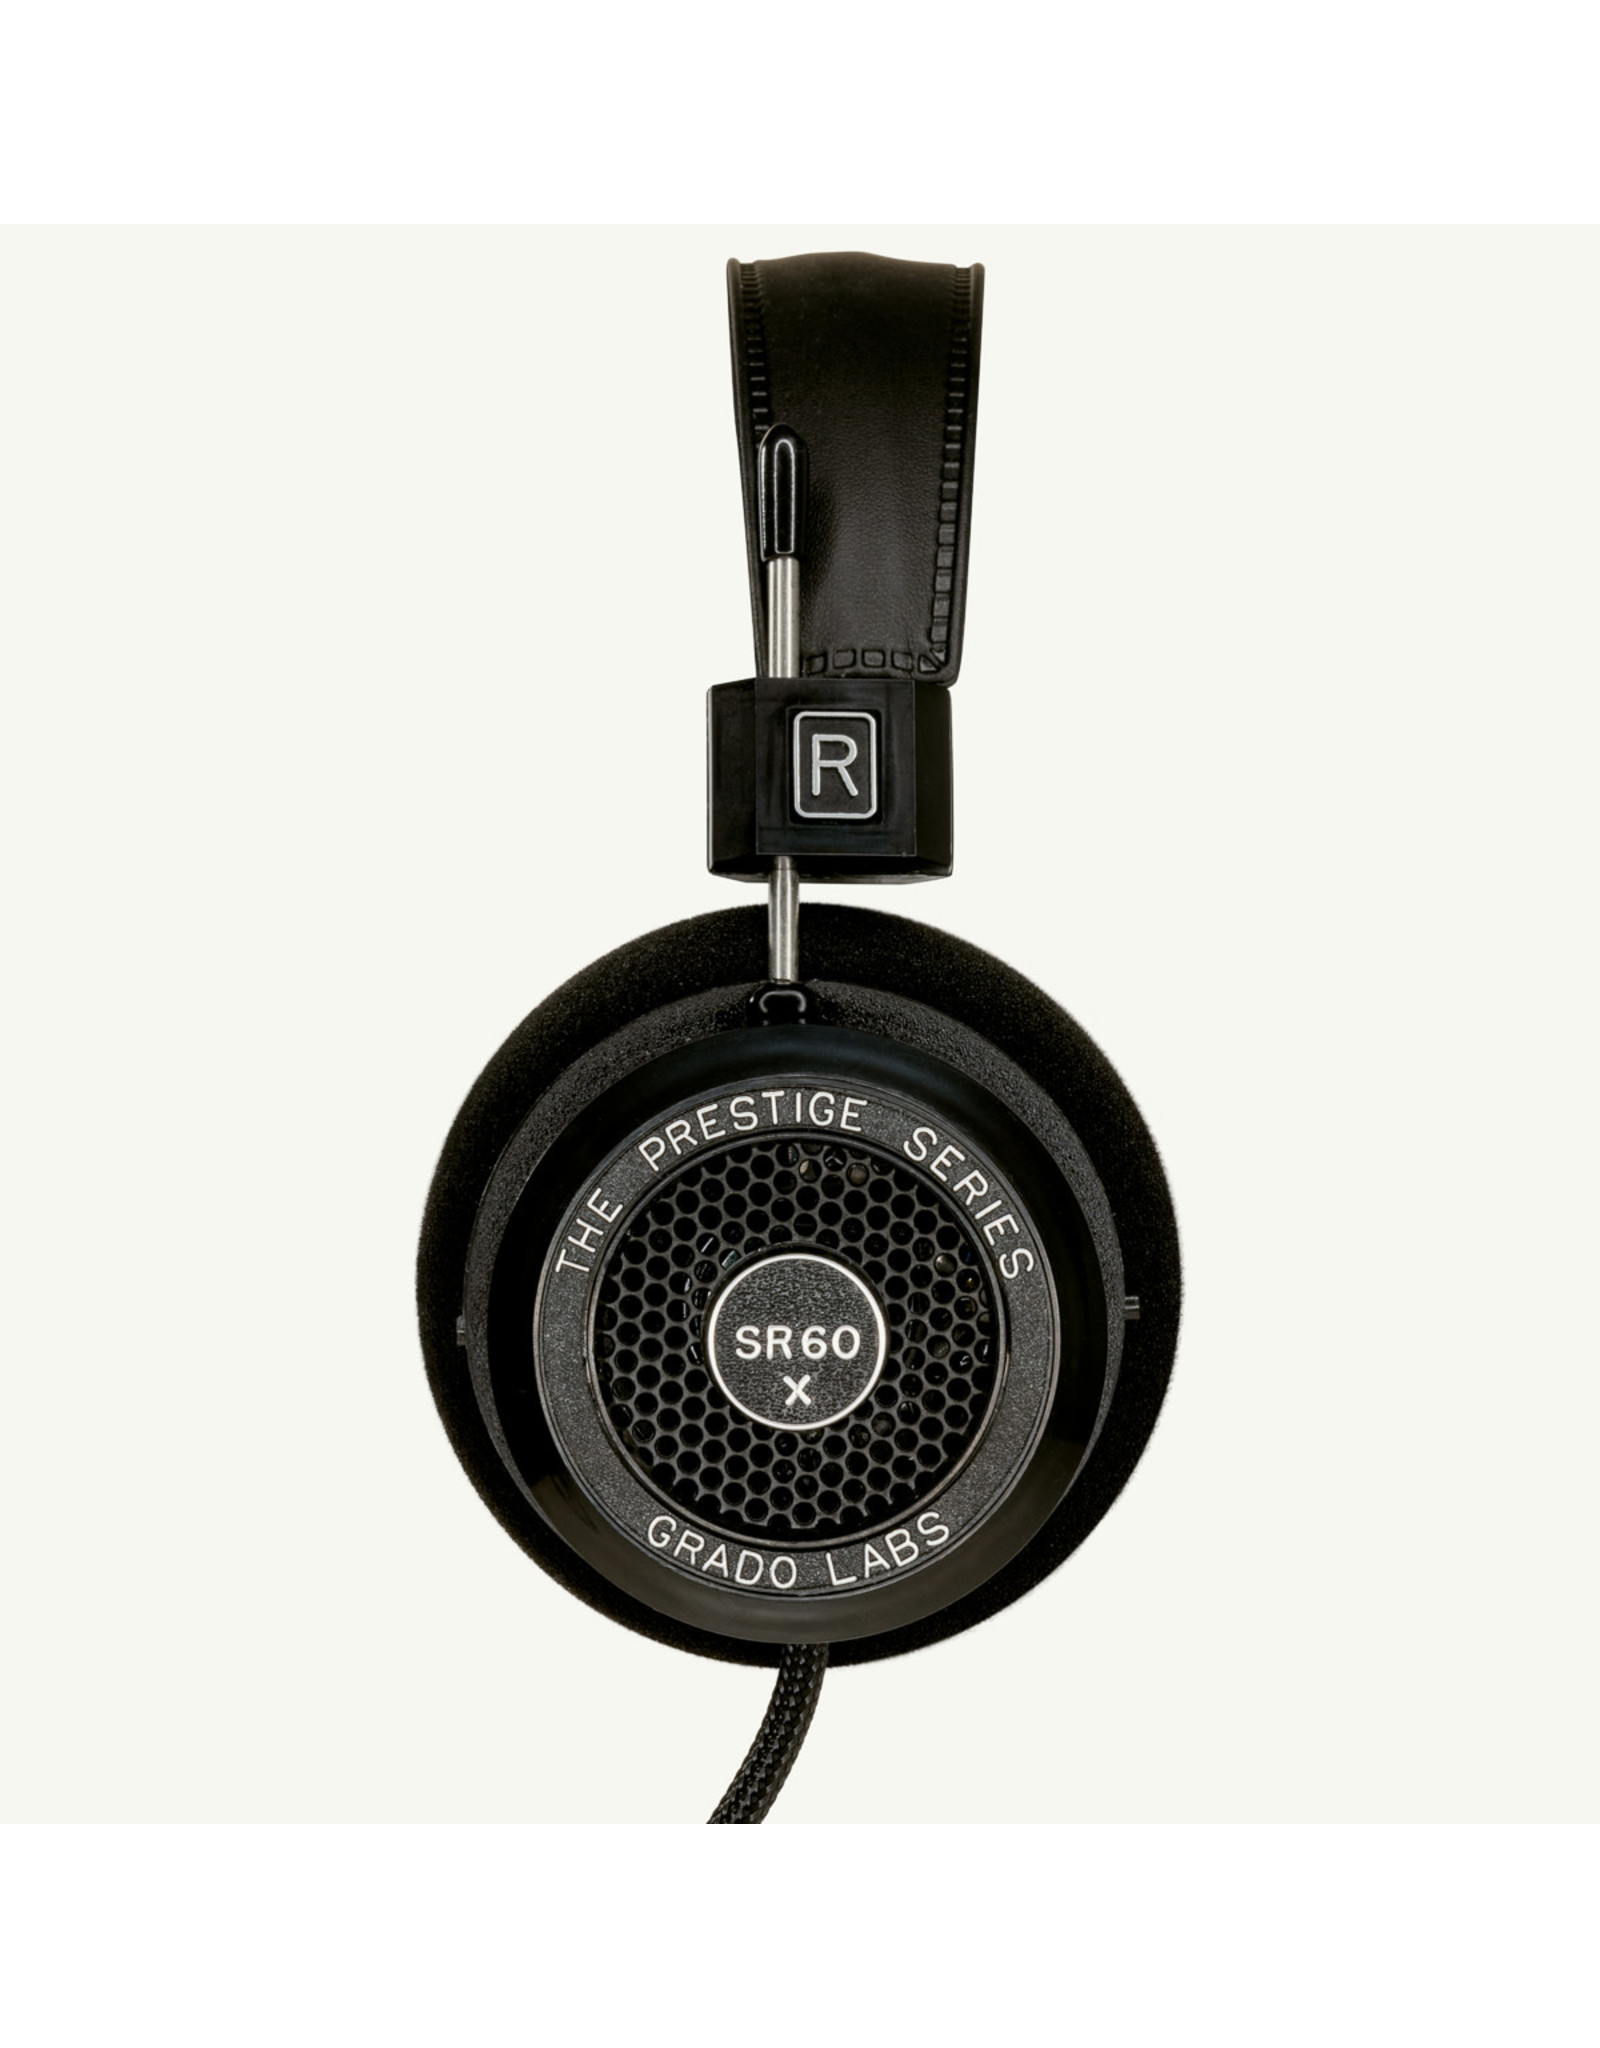 Grado Labs Grado Prestige SR60x Headphones